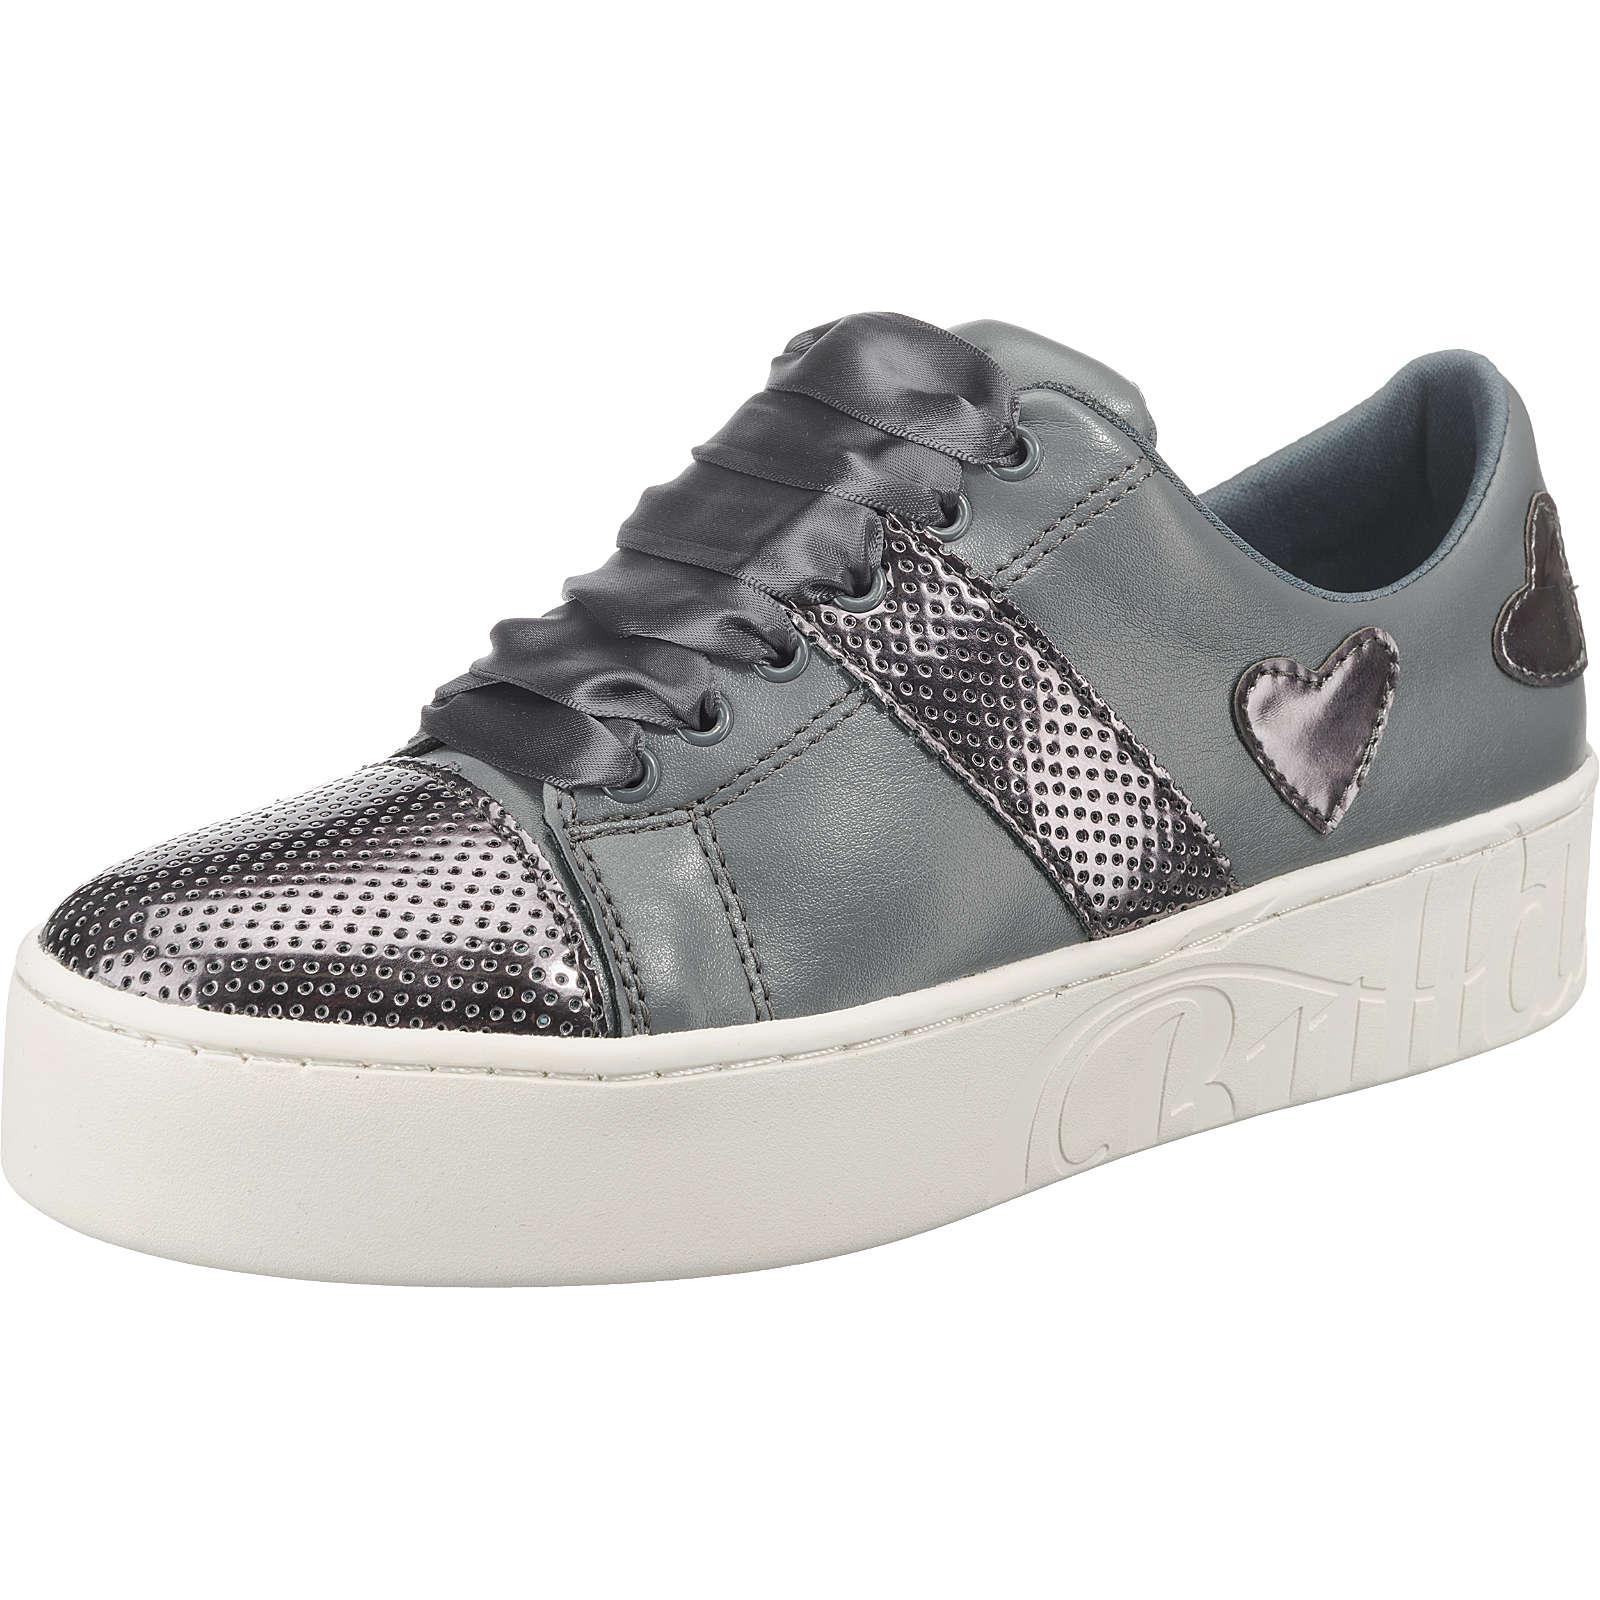 BUFFALO Sneakers Low dunkelgrau Damen Gr. 41